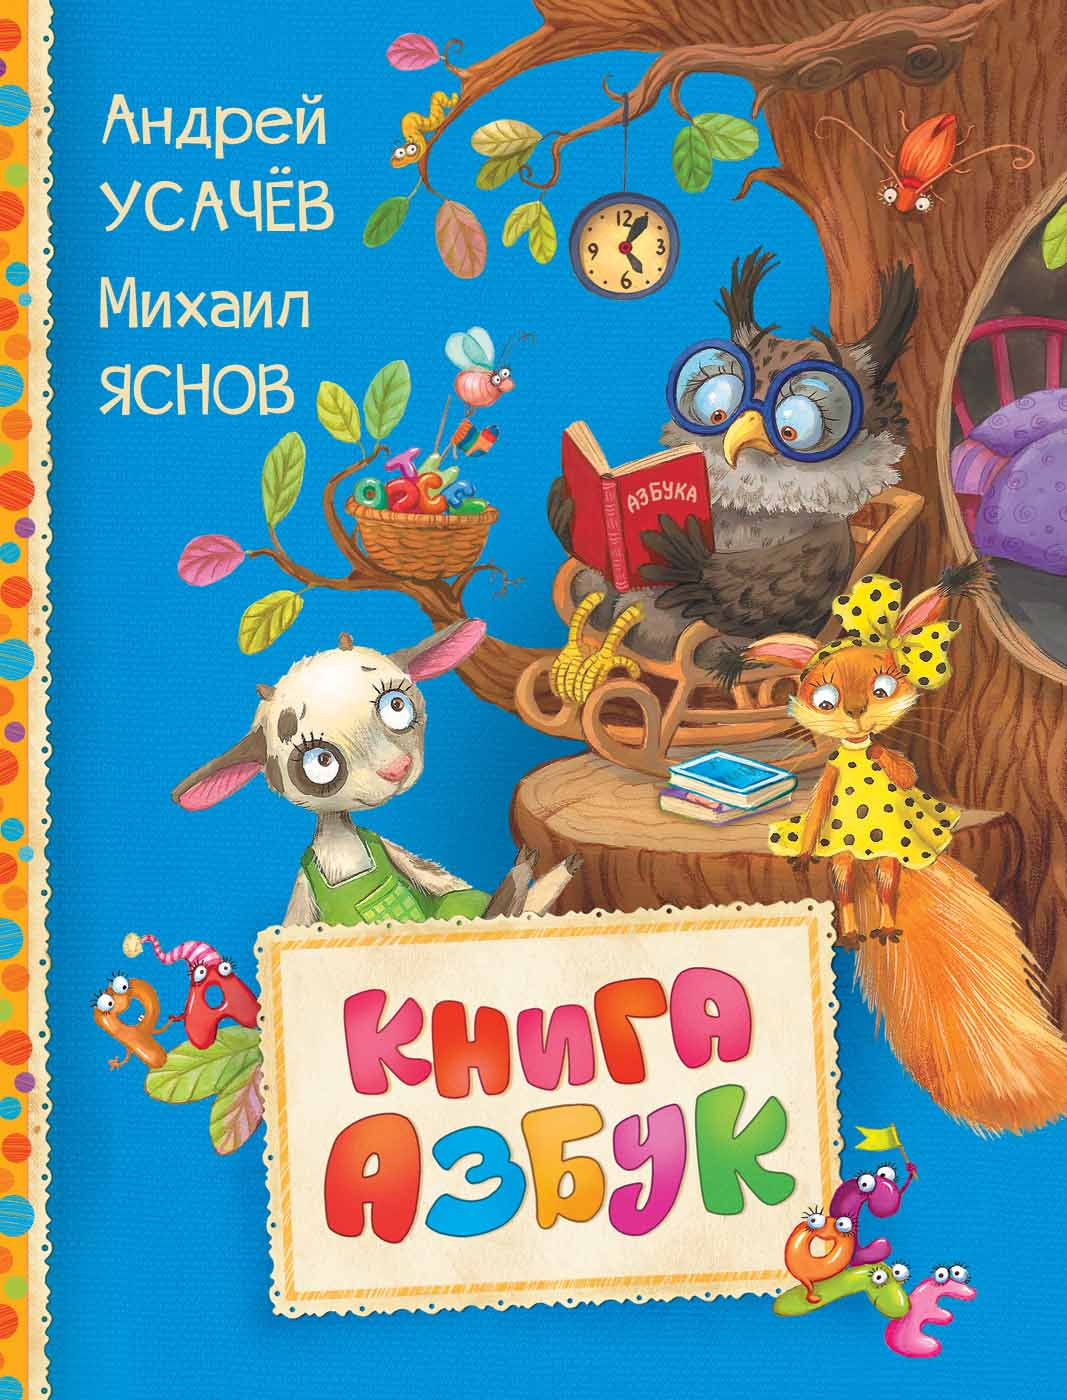 Книга азбук из серии Читаем малышамУчим буквы и цифры<br>Книга азбук из серии Читаем малышам<br>